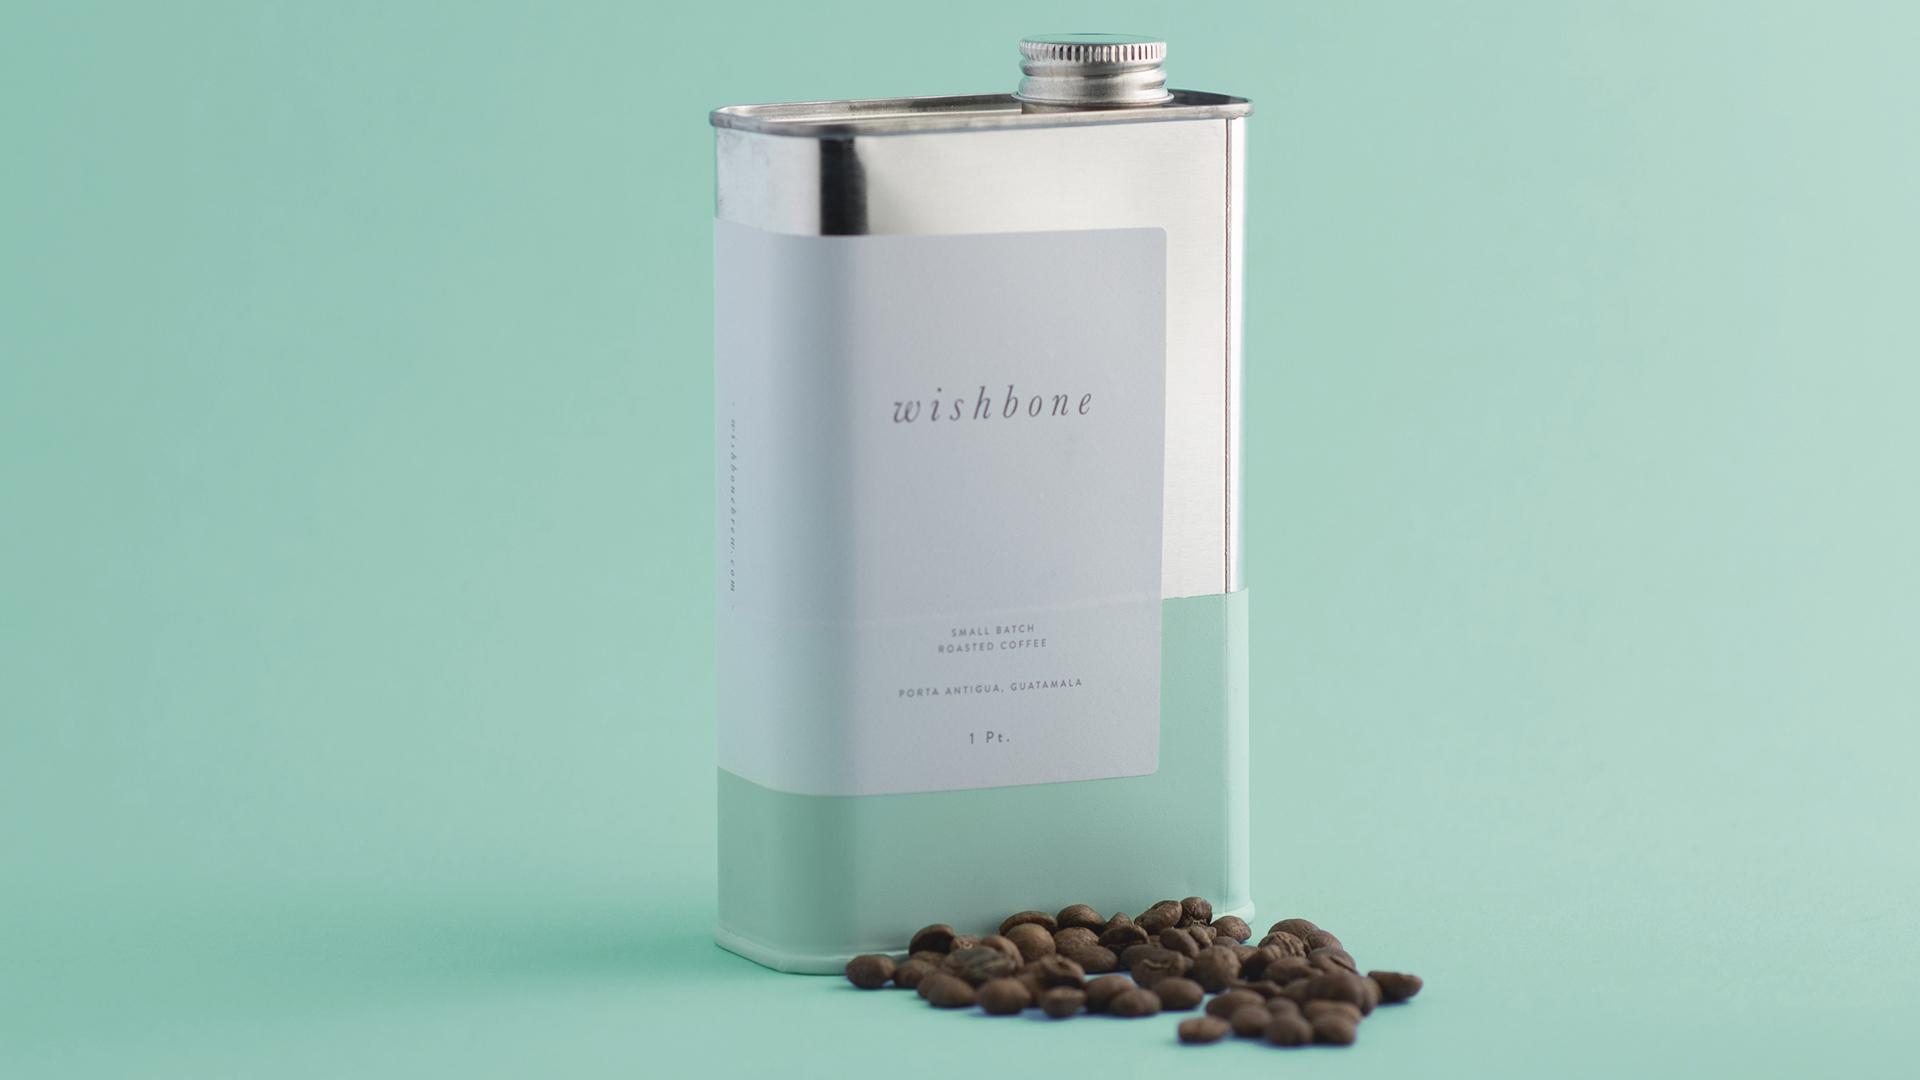 Kaffee aus der Dose